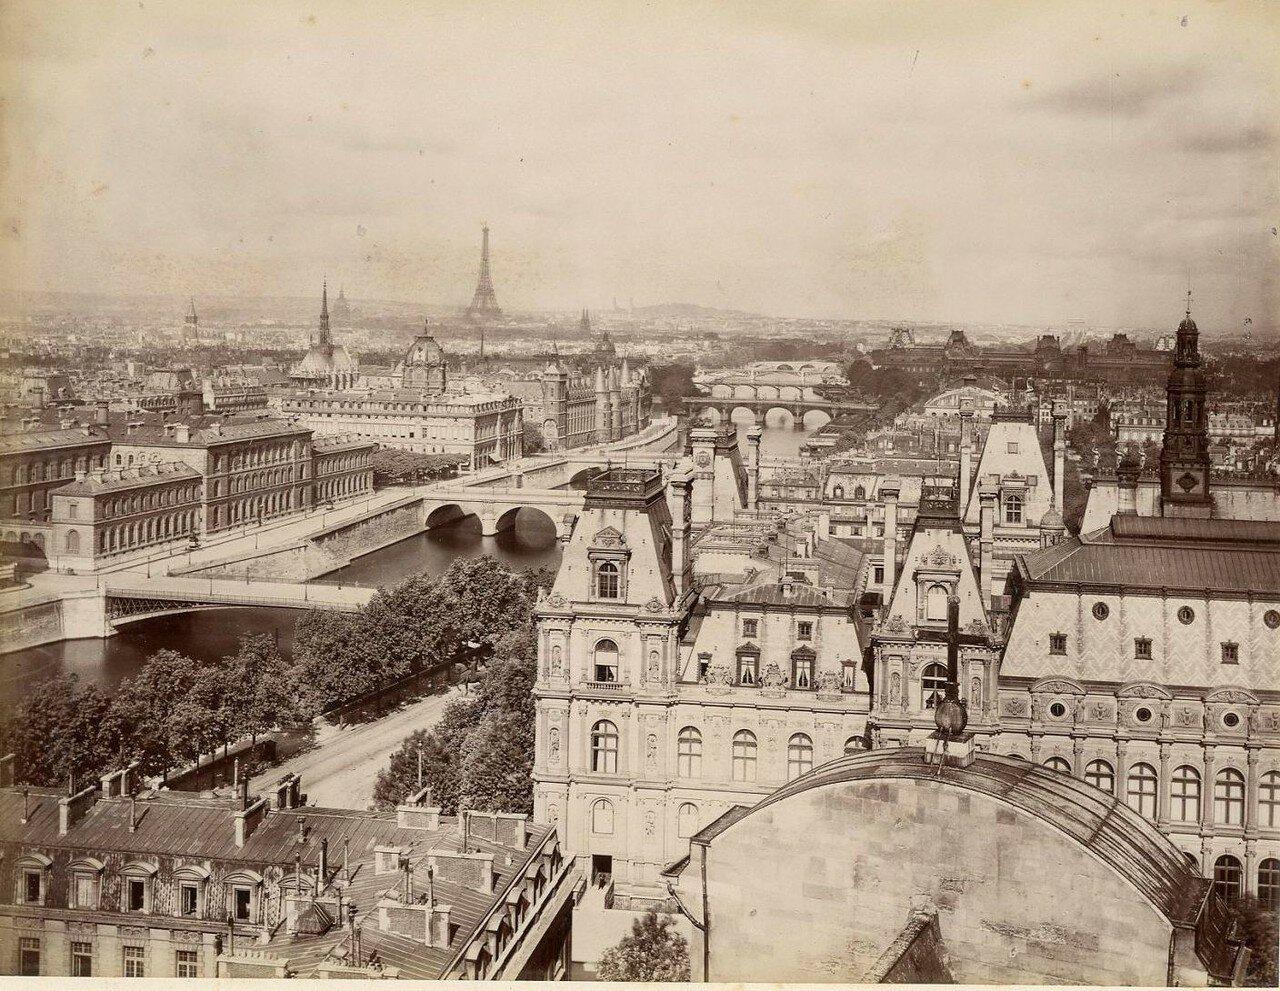 Мосты Сен-Жерве